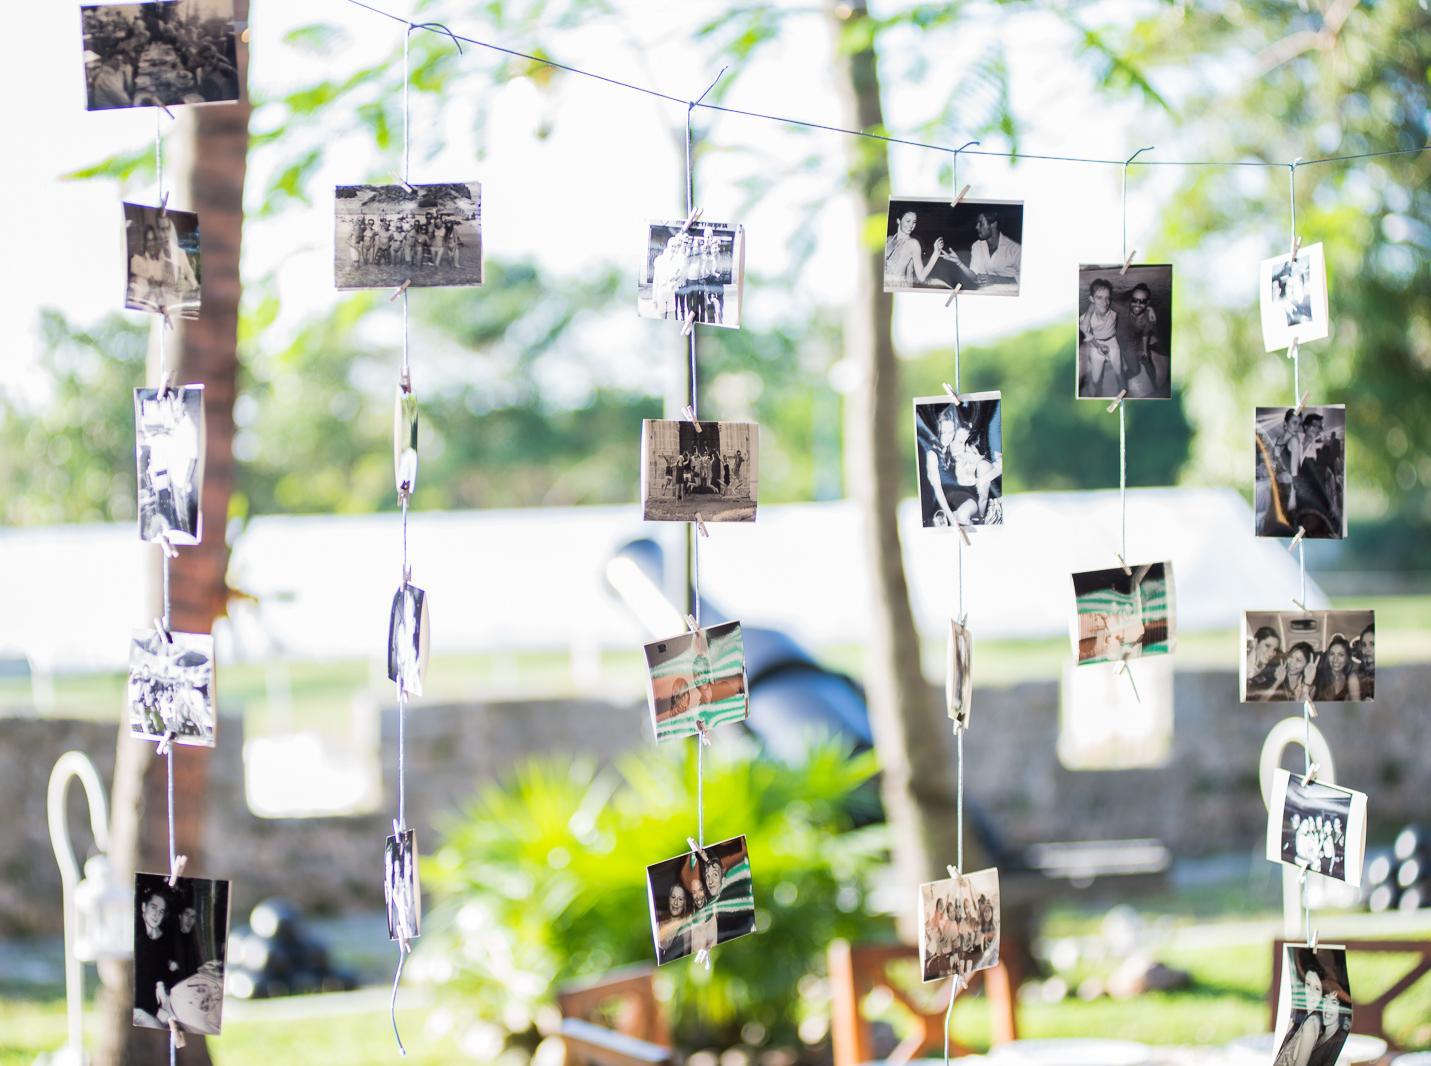 bodas-estilo-libre-sin-tema-cuba-8272.jpg